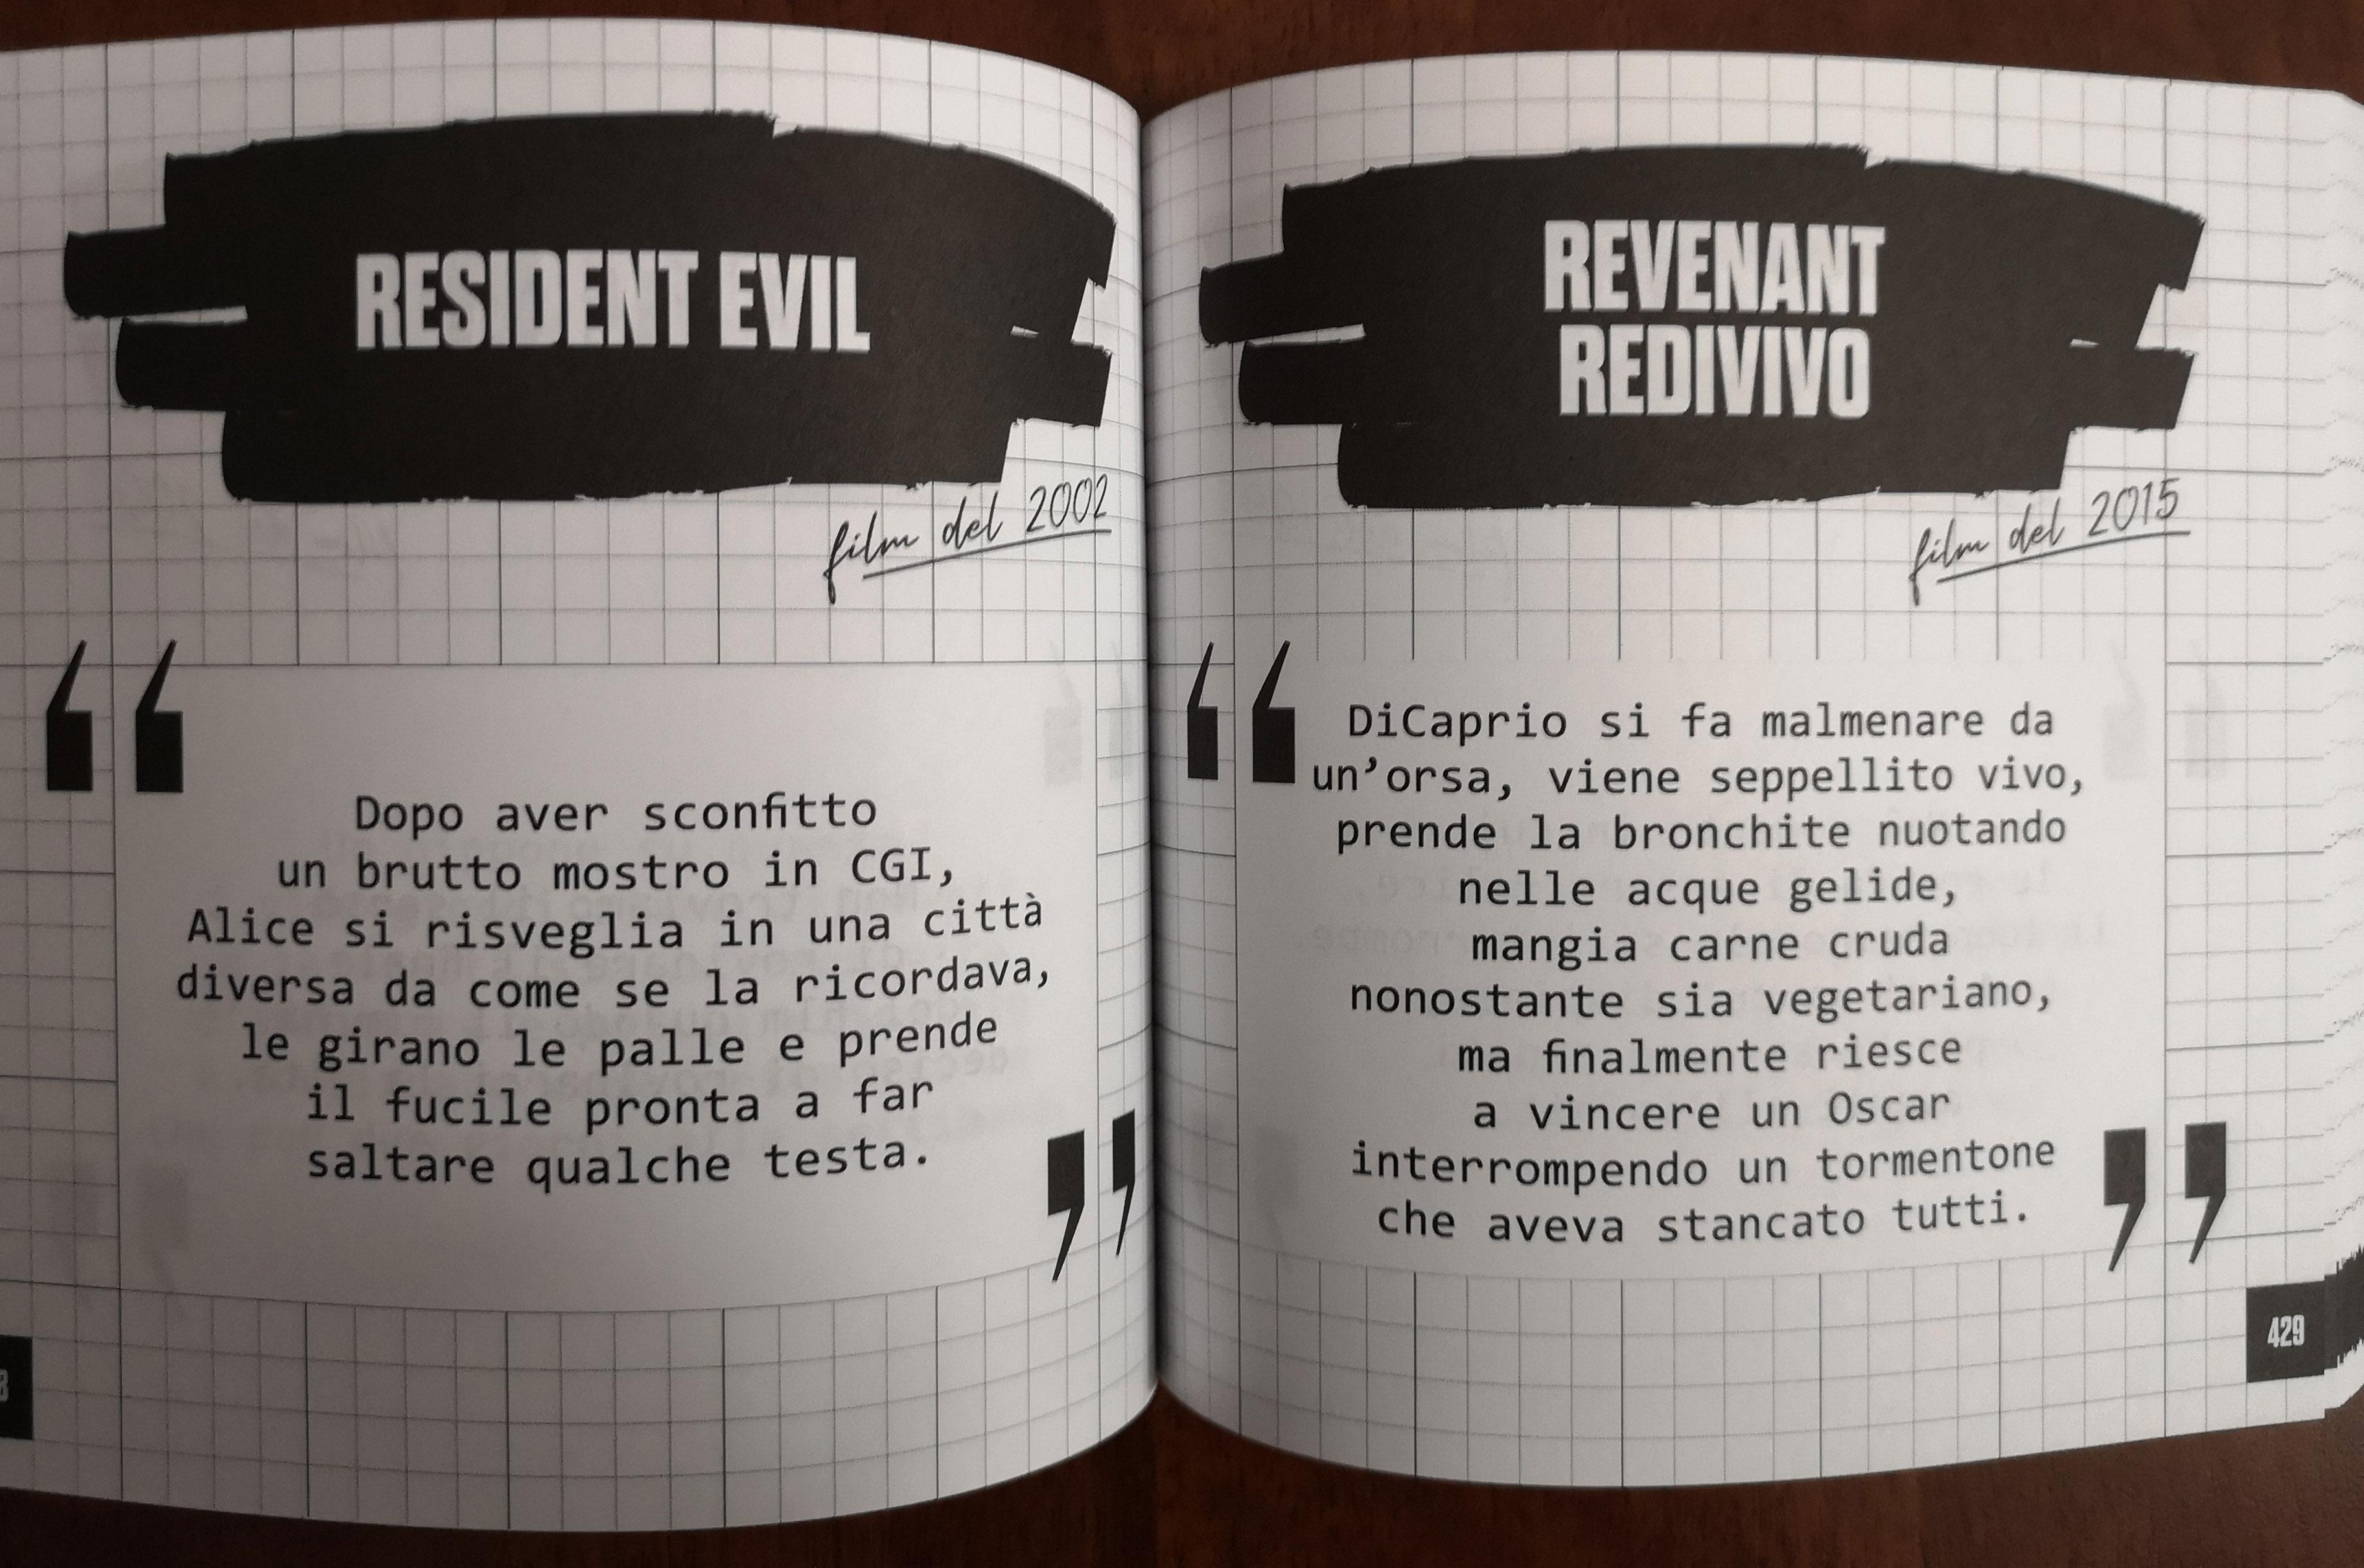 L'Oscar di DiCaprio e gli zombie di Resident Evil